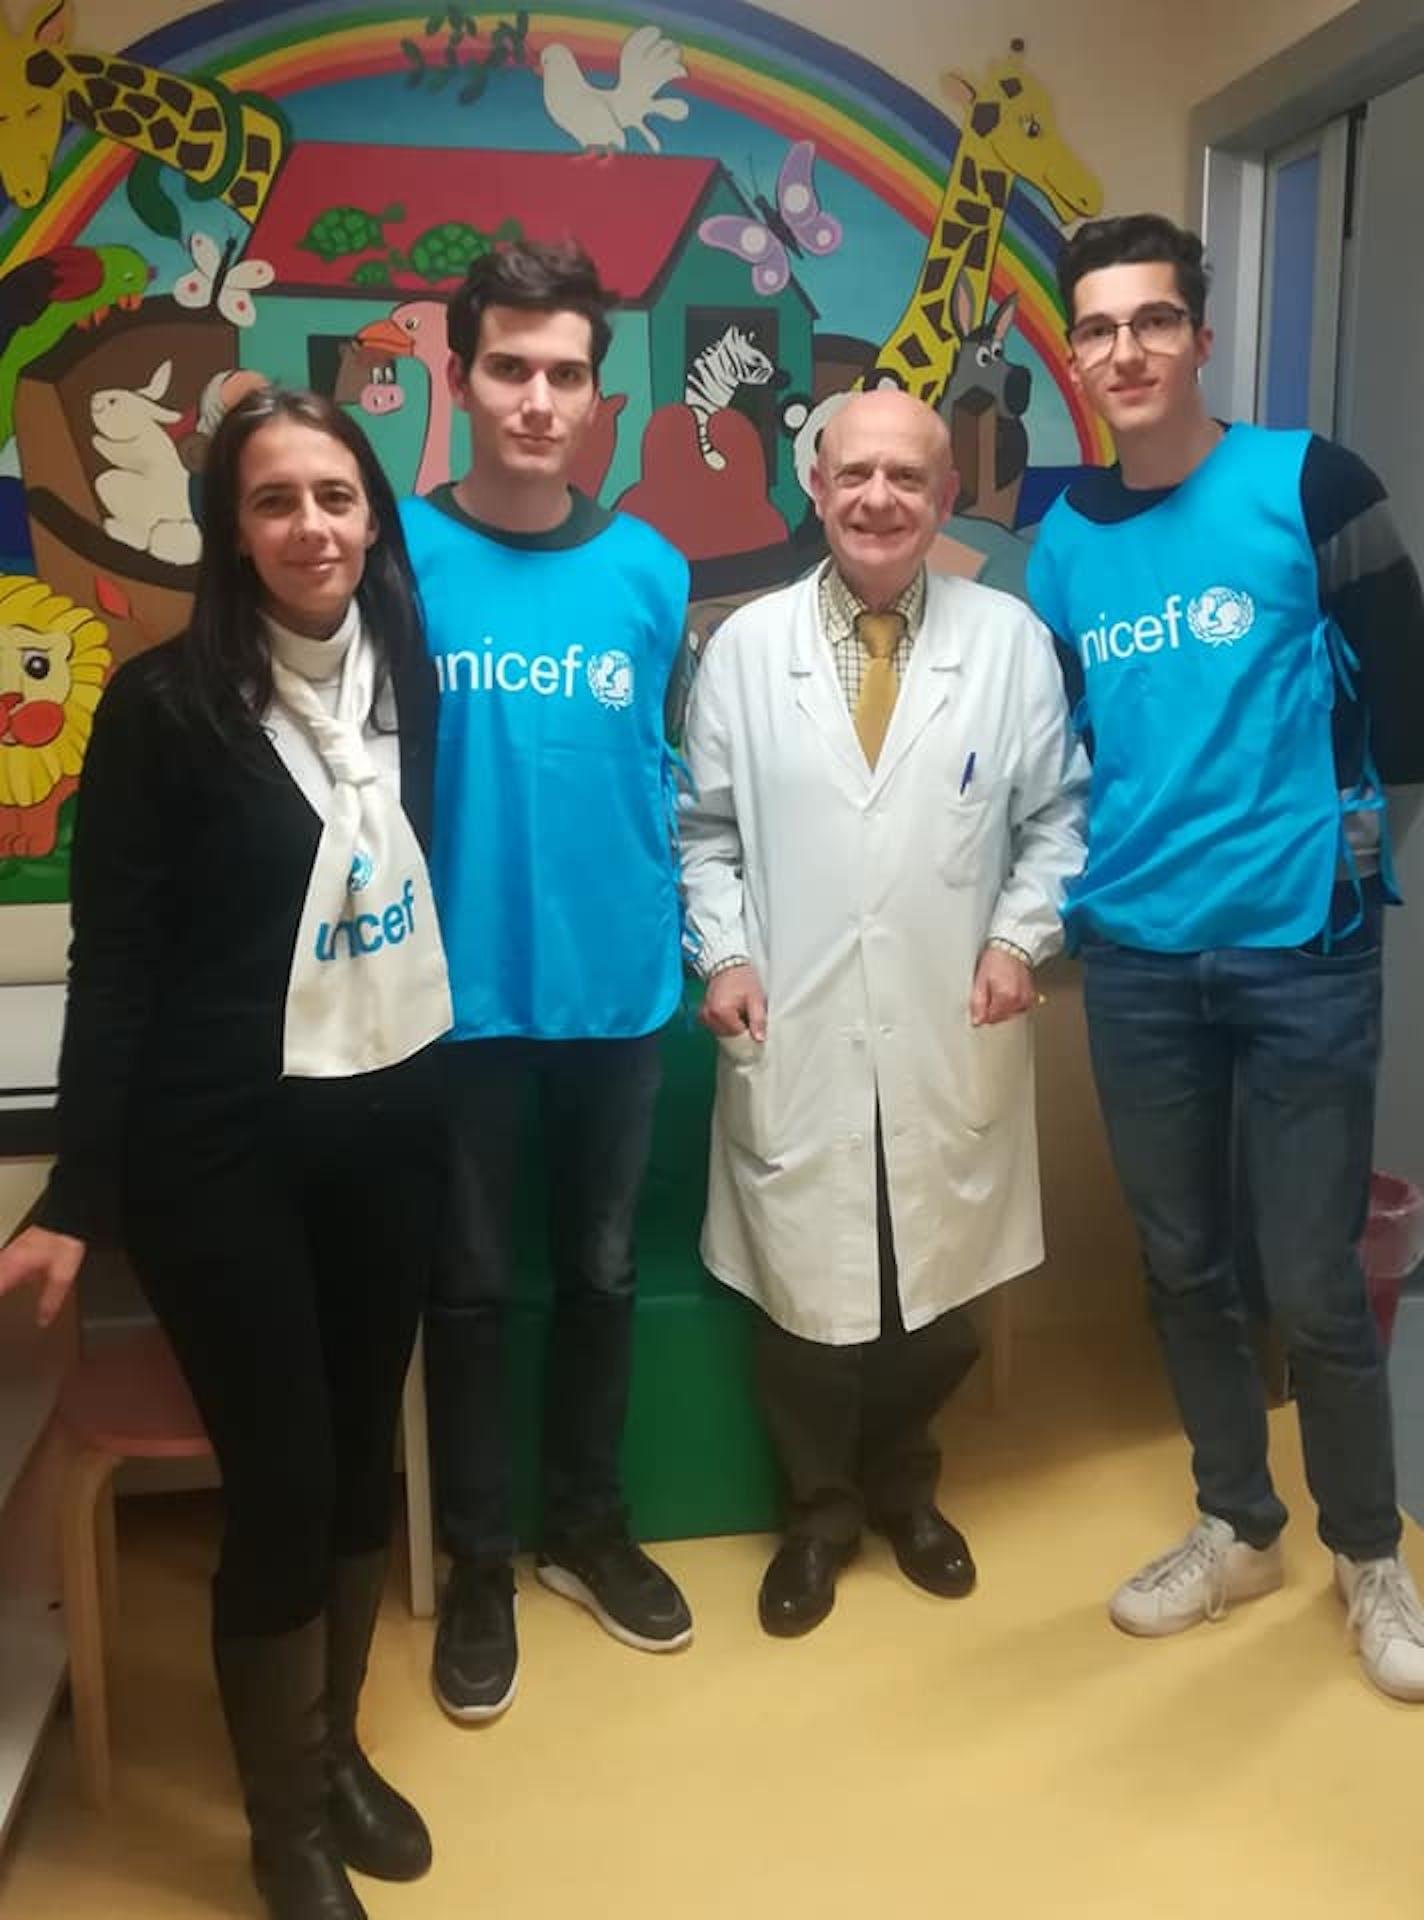 Manuela Bovolenta, Luca Moroni, il Primario del reparto pediatrico dell'ospedale Fatebenefratelli Gaetano Mariani e Lorenzo Regondi, un volontario UNICEF ottimo scacchista!